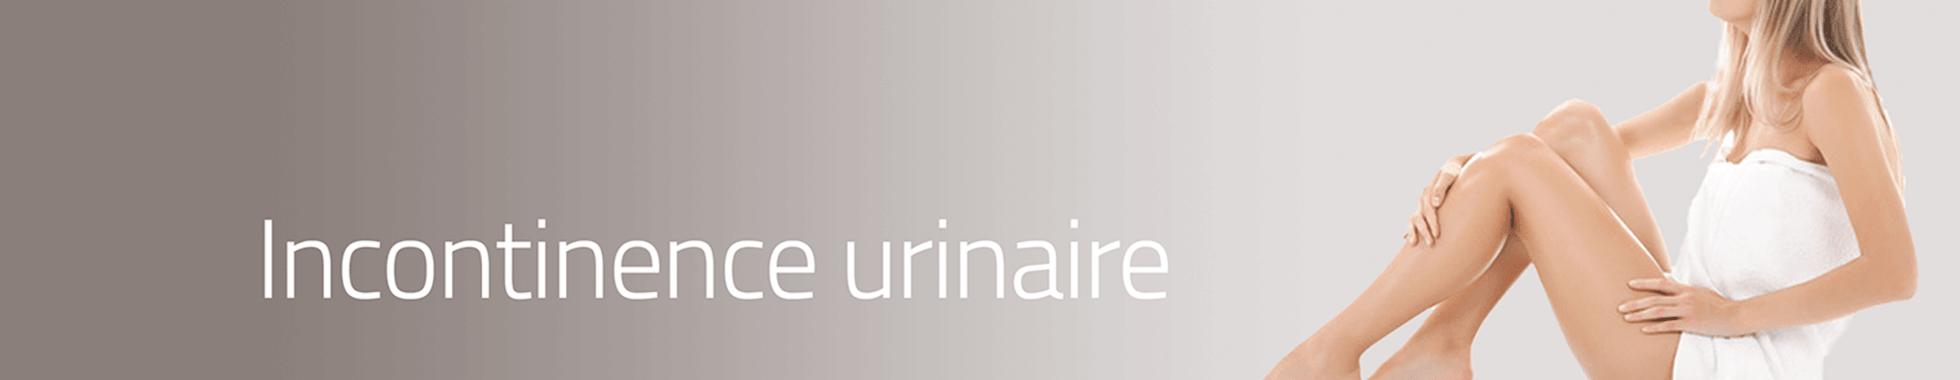 Soigner l'incontinence urinaire à Aix-en-Provence